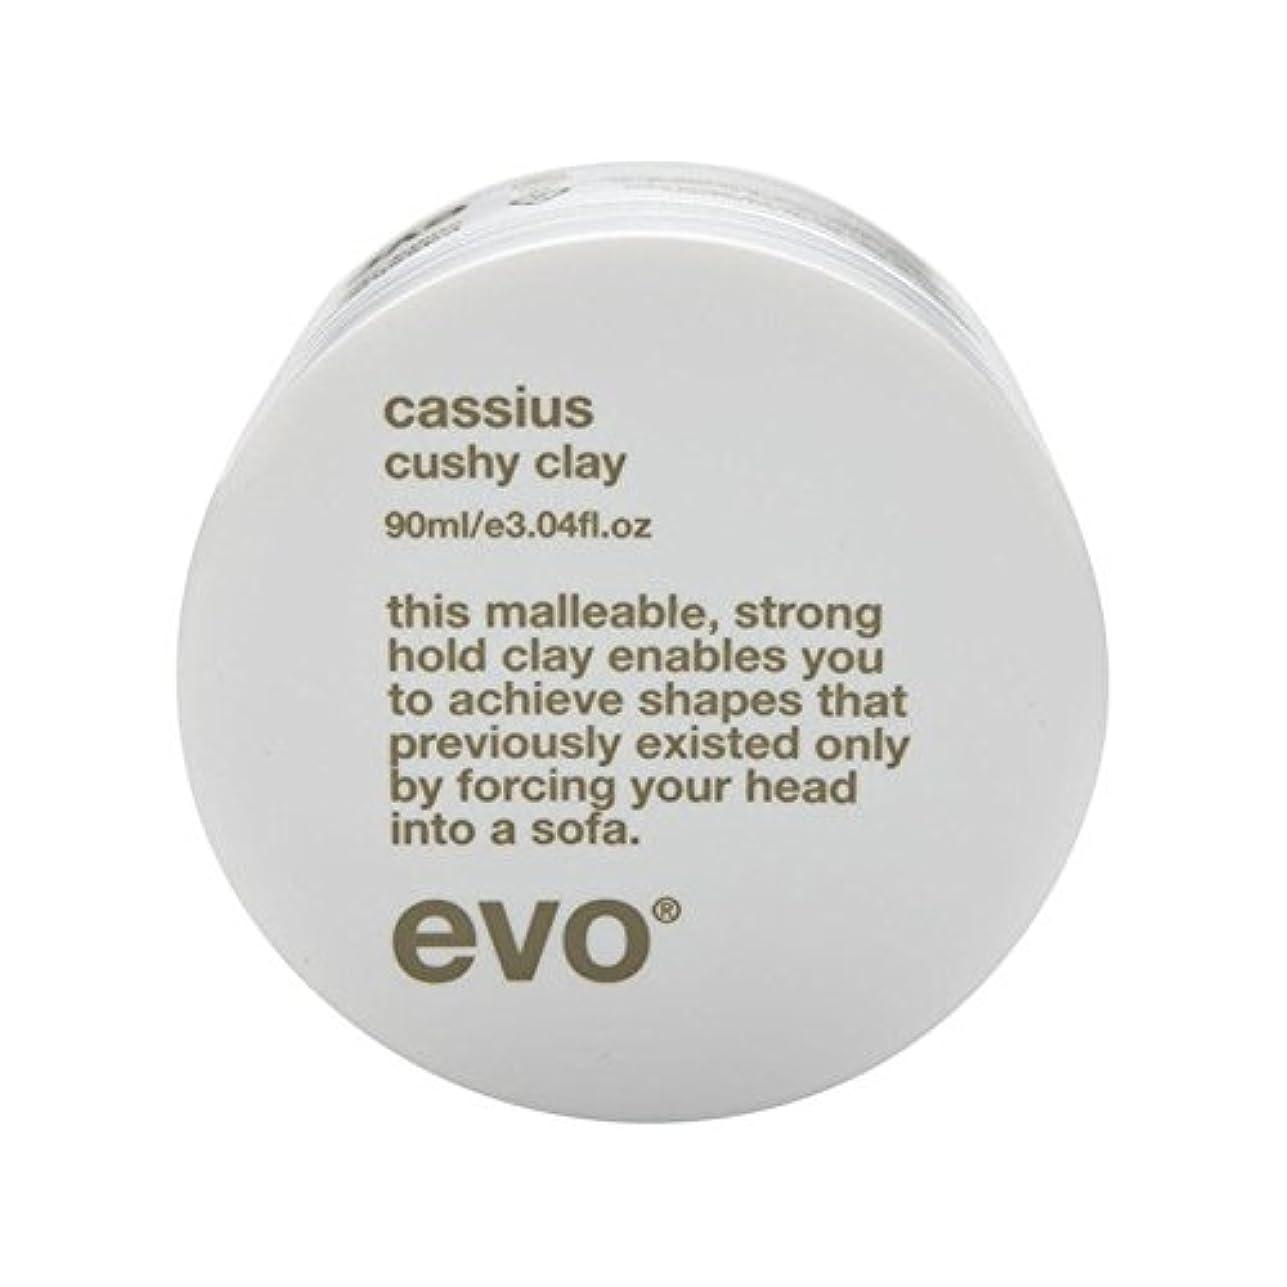 クマノミ光のリットルエボカシウス楽な粘土90グラム x4 - Evo Cassius Cushy Clay 90G (Pack of 4) [並行輸入品]